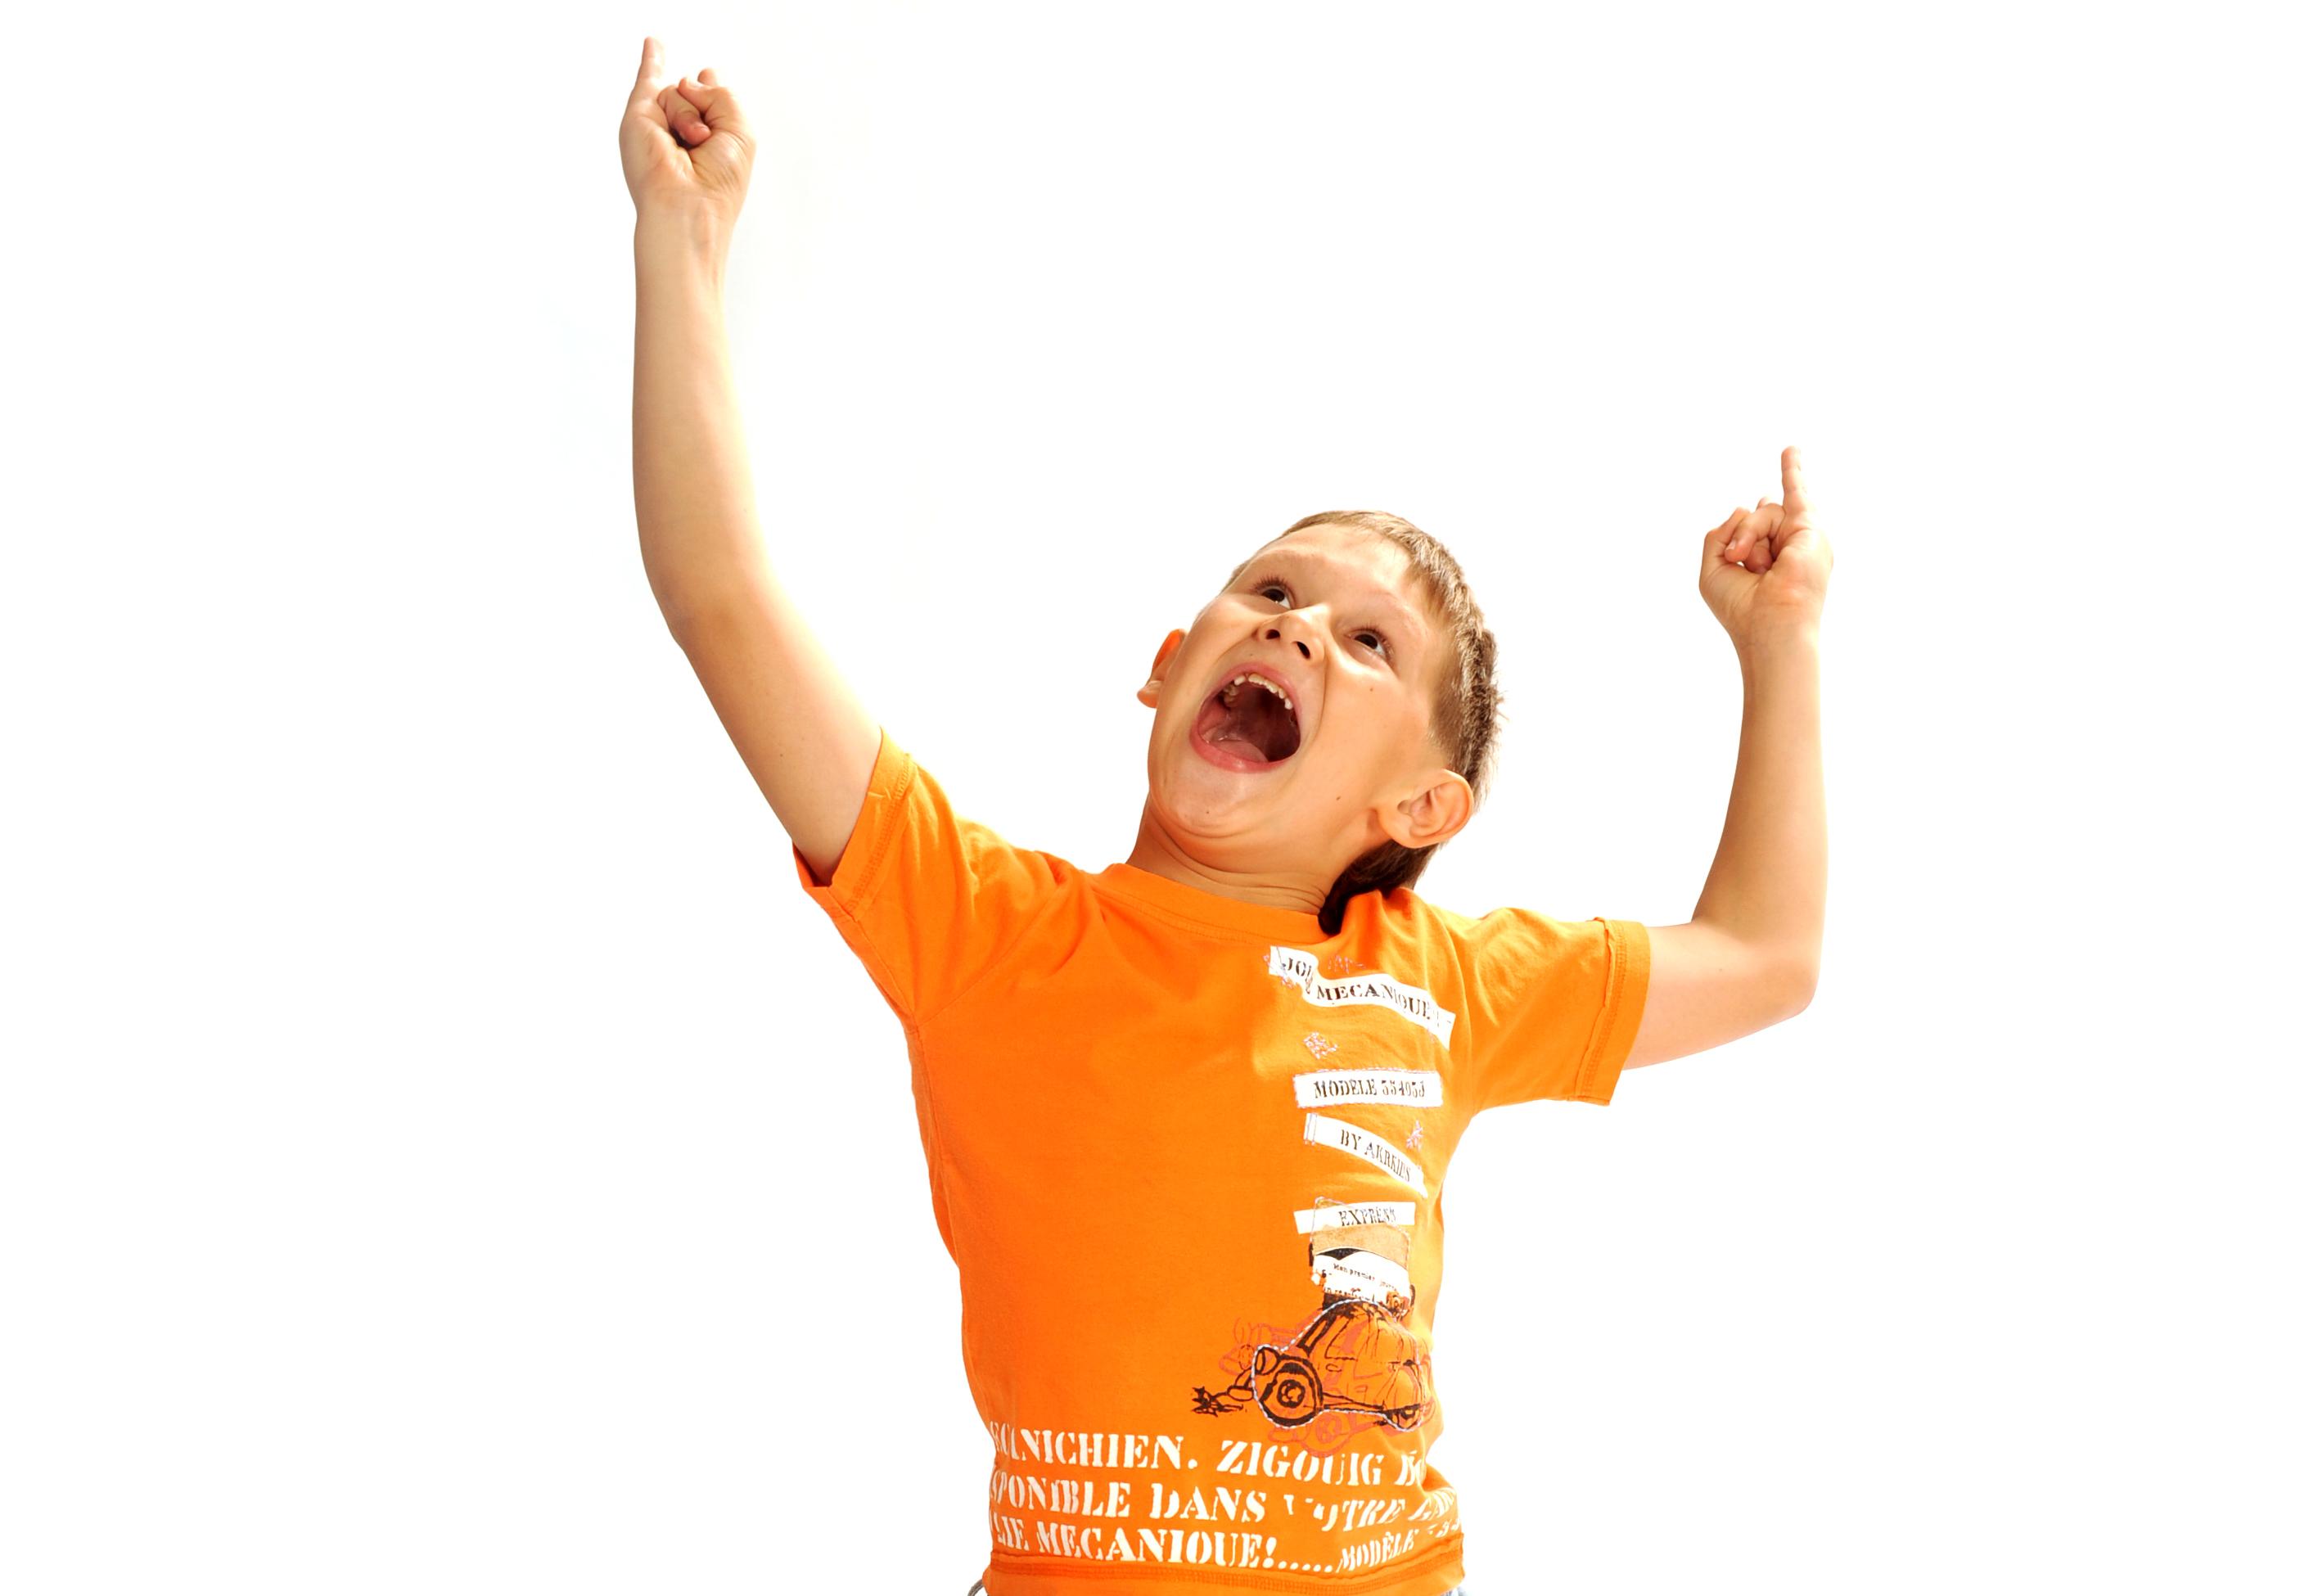 Нарушение концентрации внимания и усидчивости у детей. Причина? - Звони расскажем